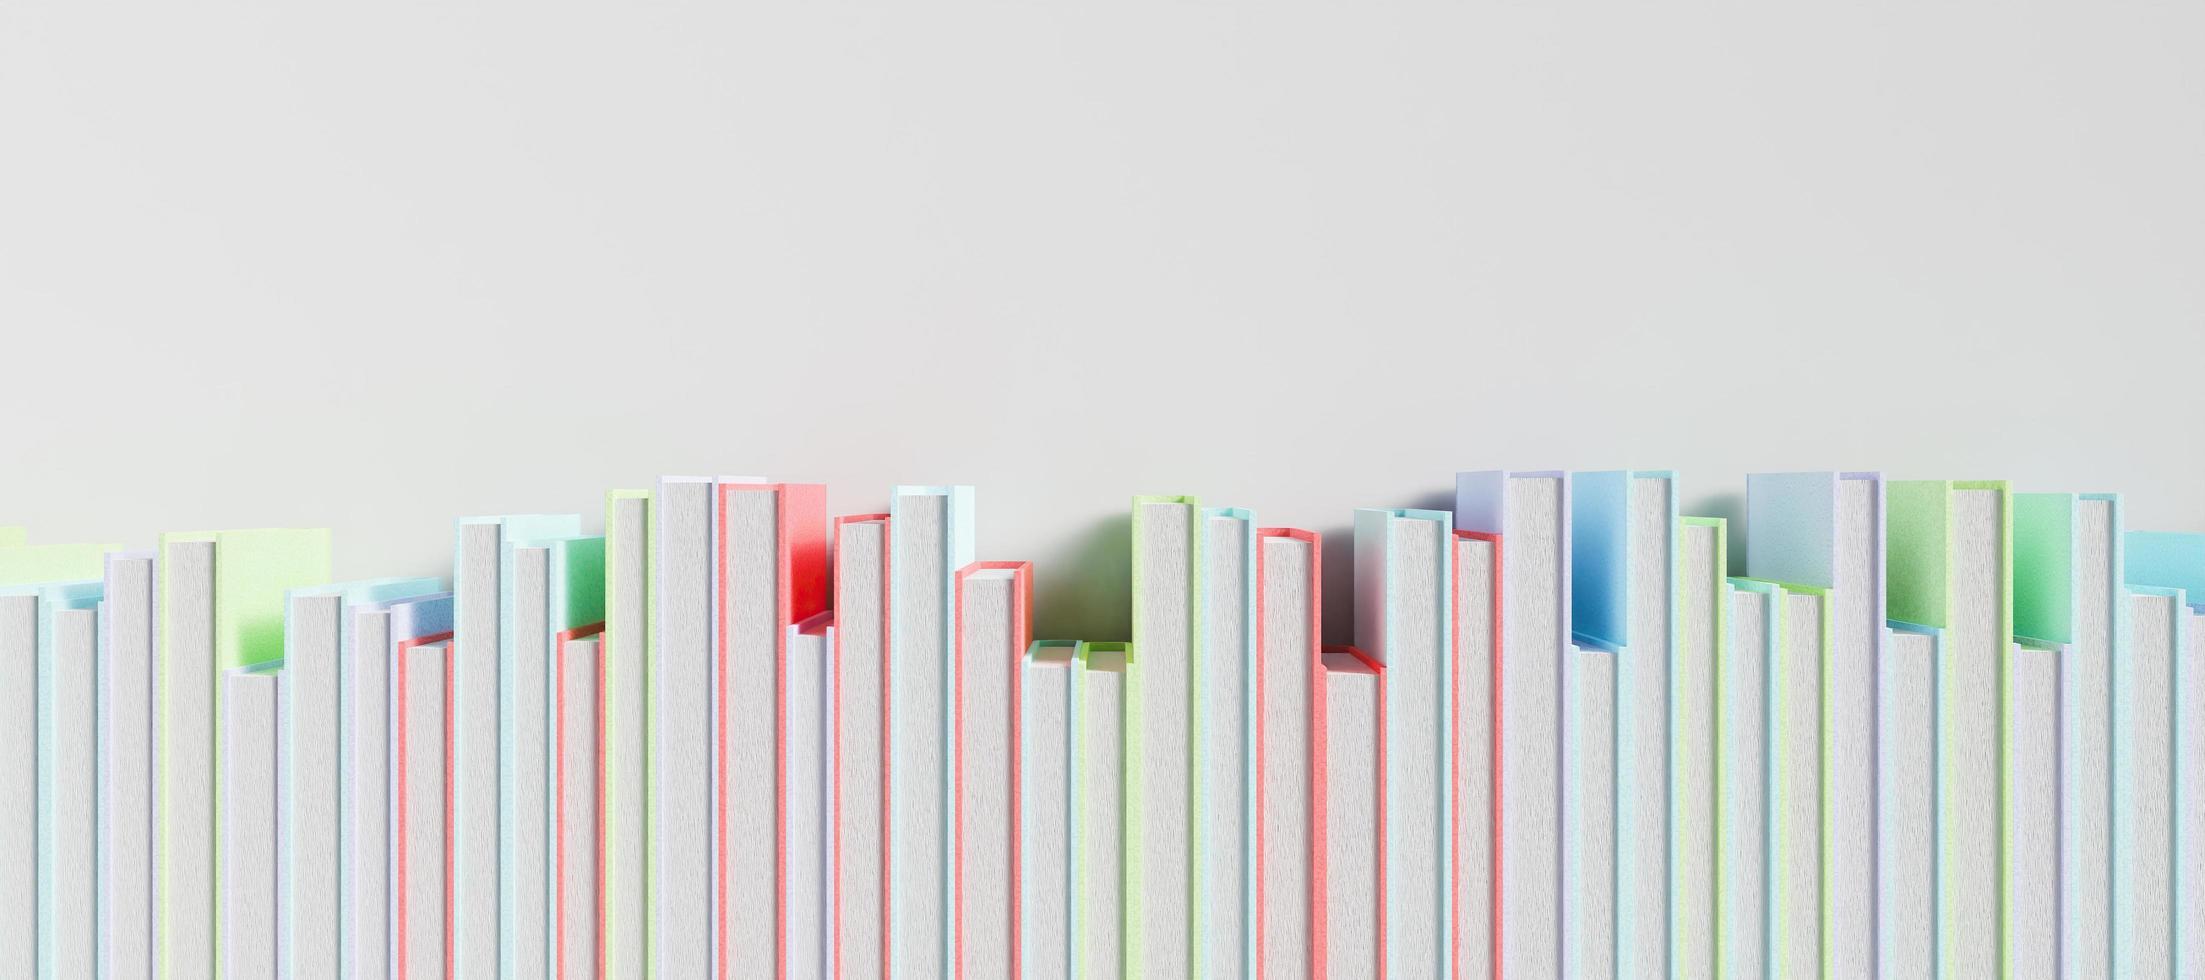 bannière d'une rangée de livres colorés photo